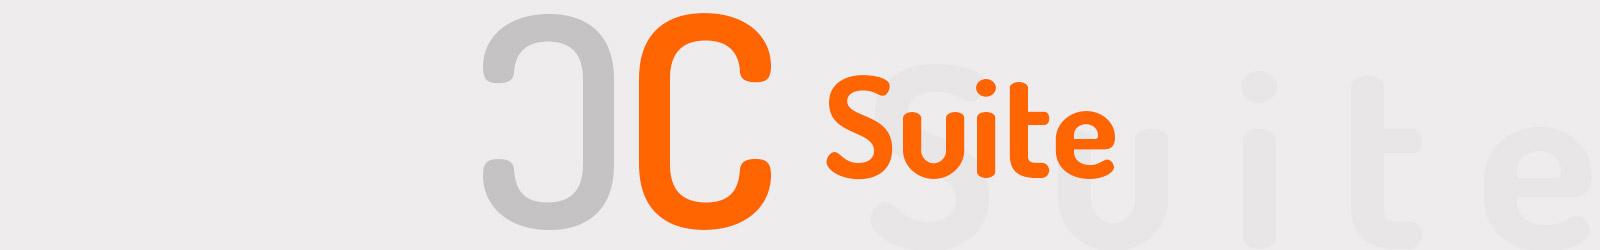 CC Suite